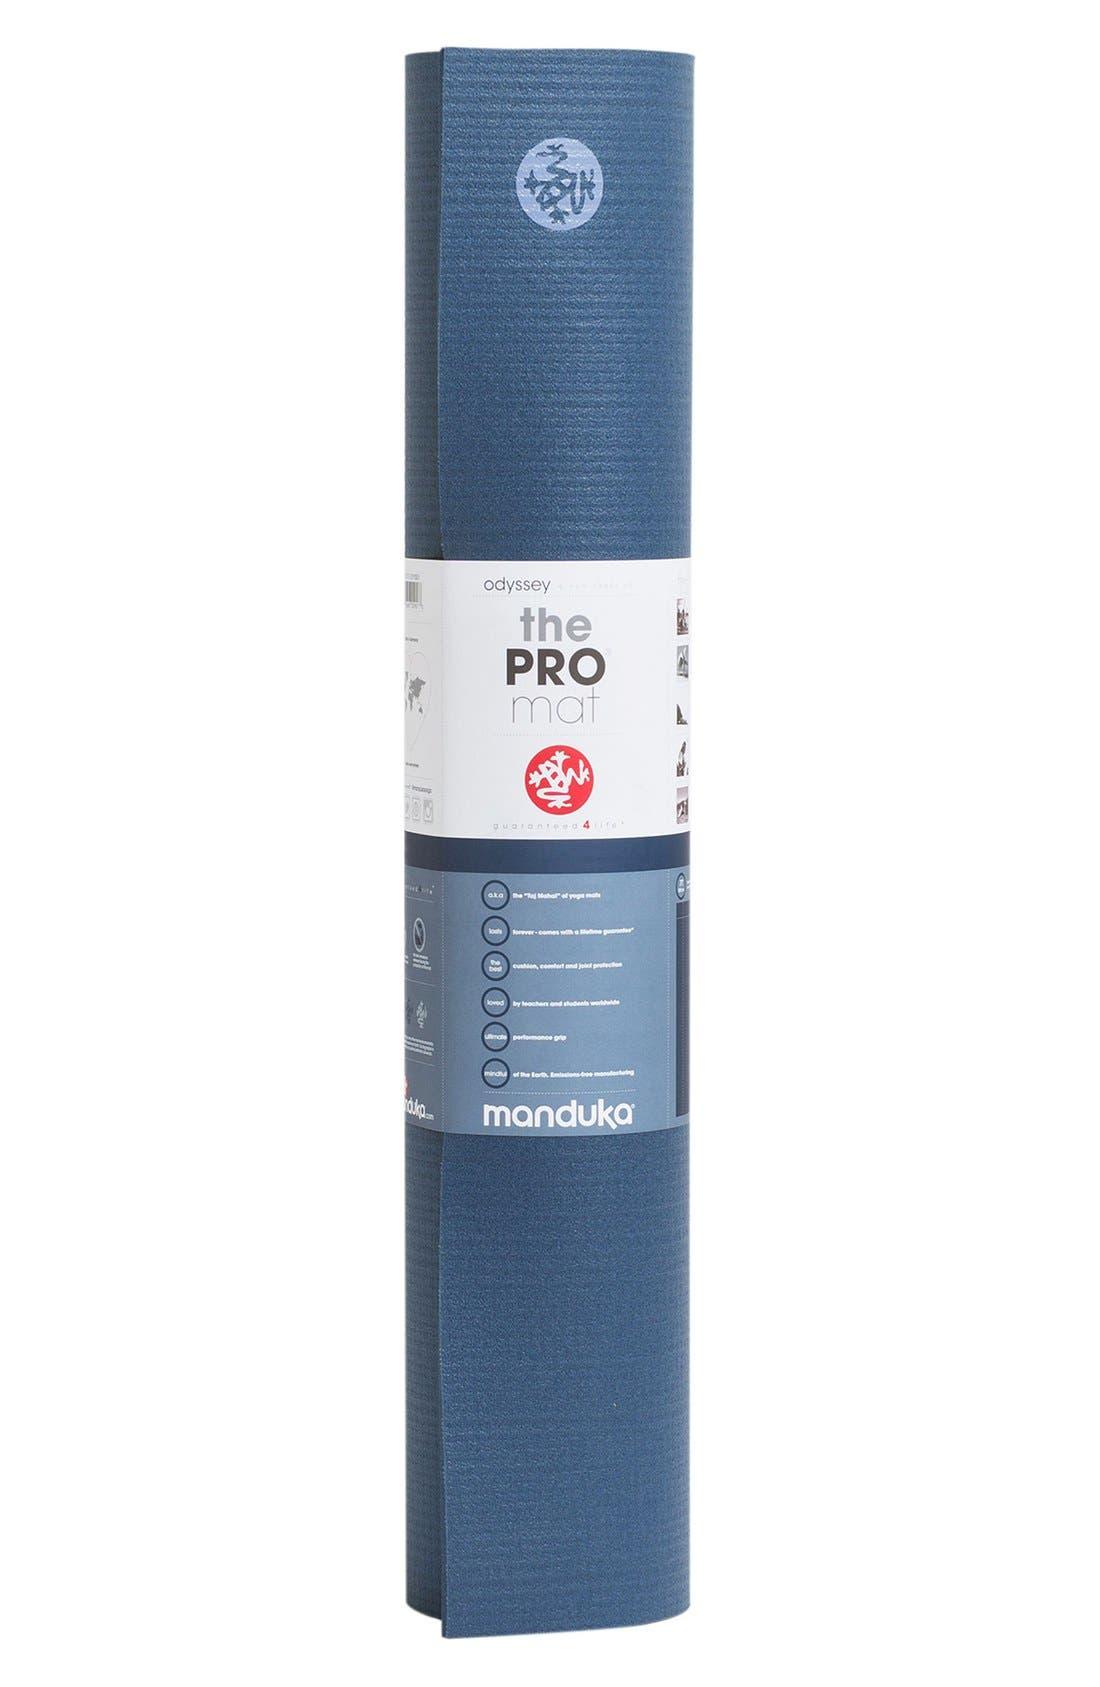 Manduka 'PRO71 - Odyssey' Yoga Mat